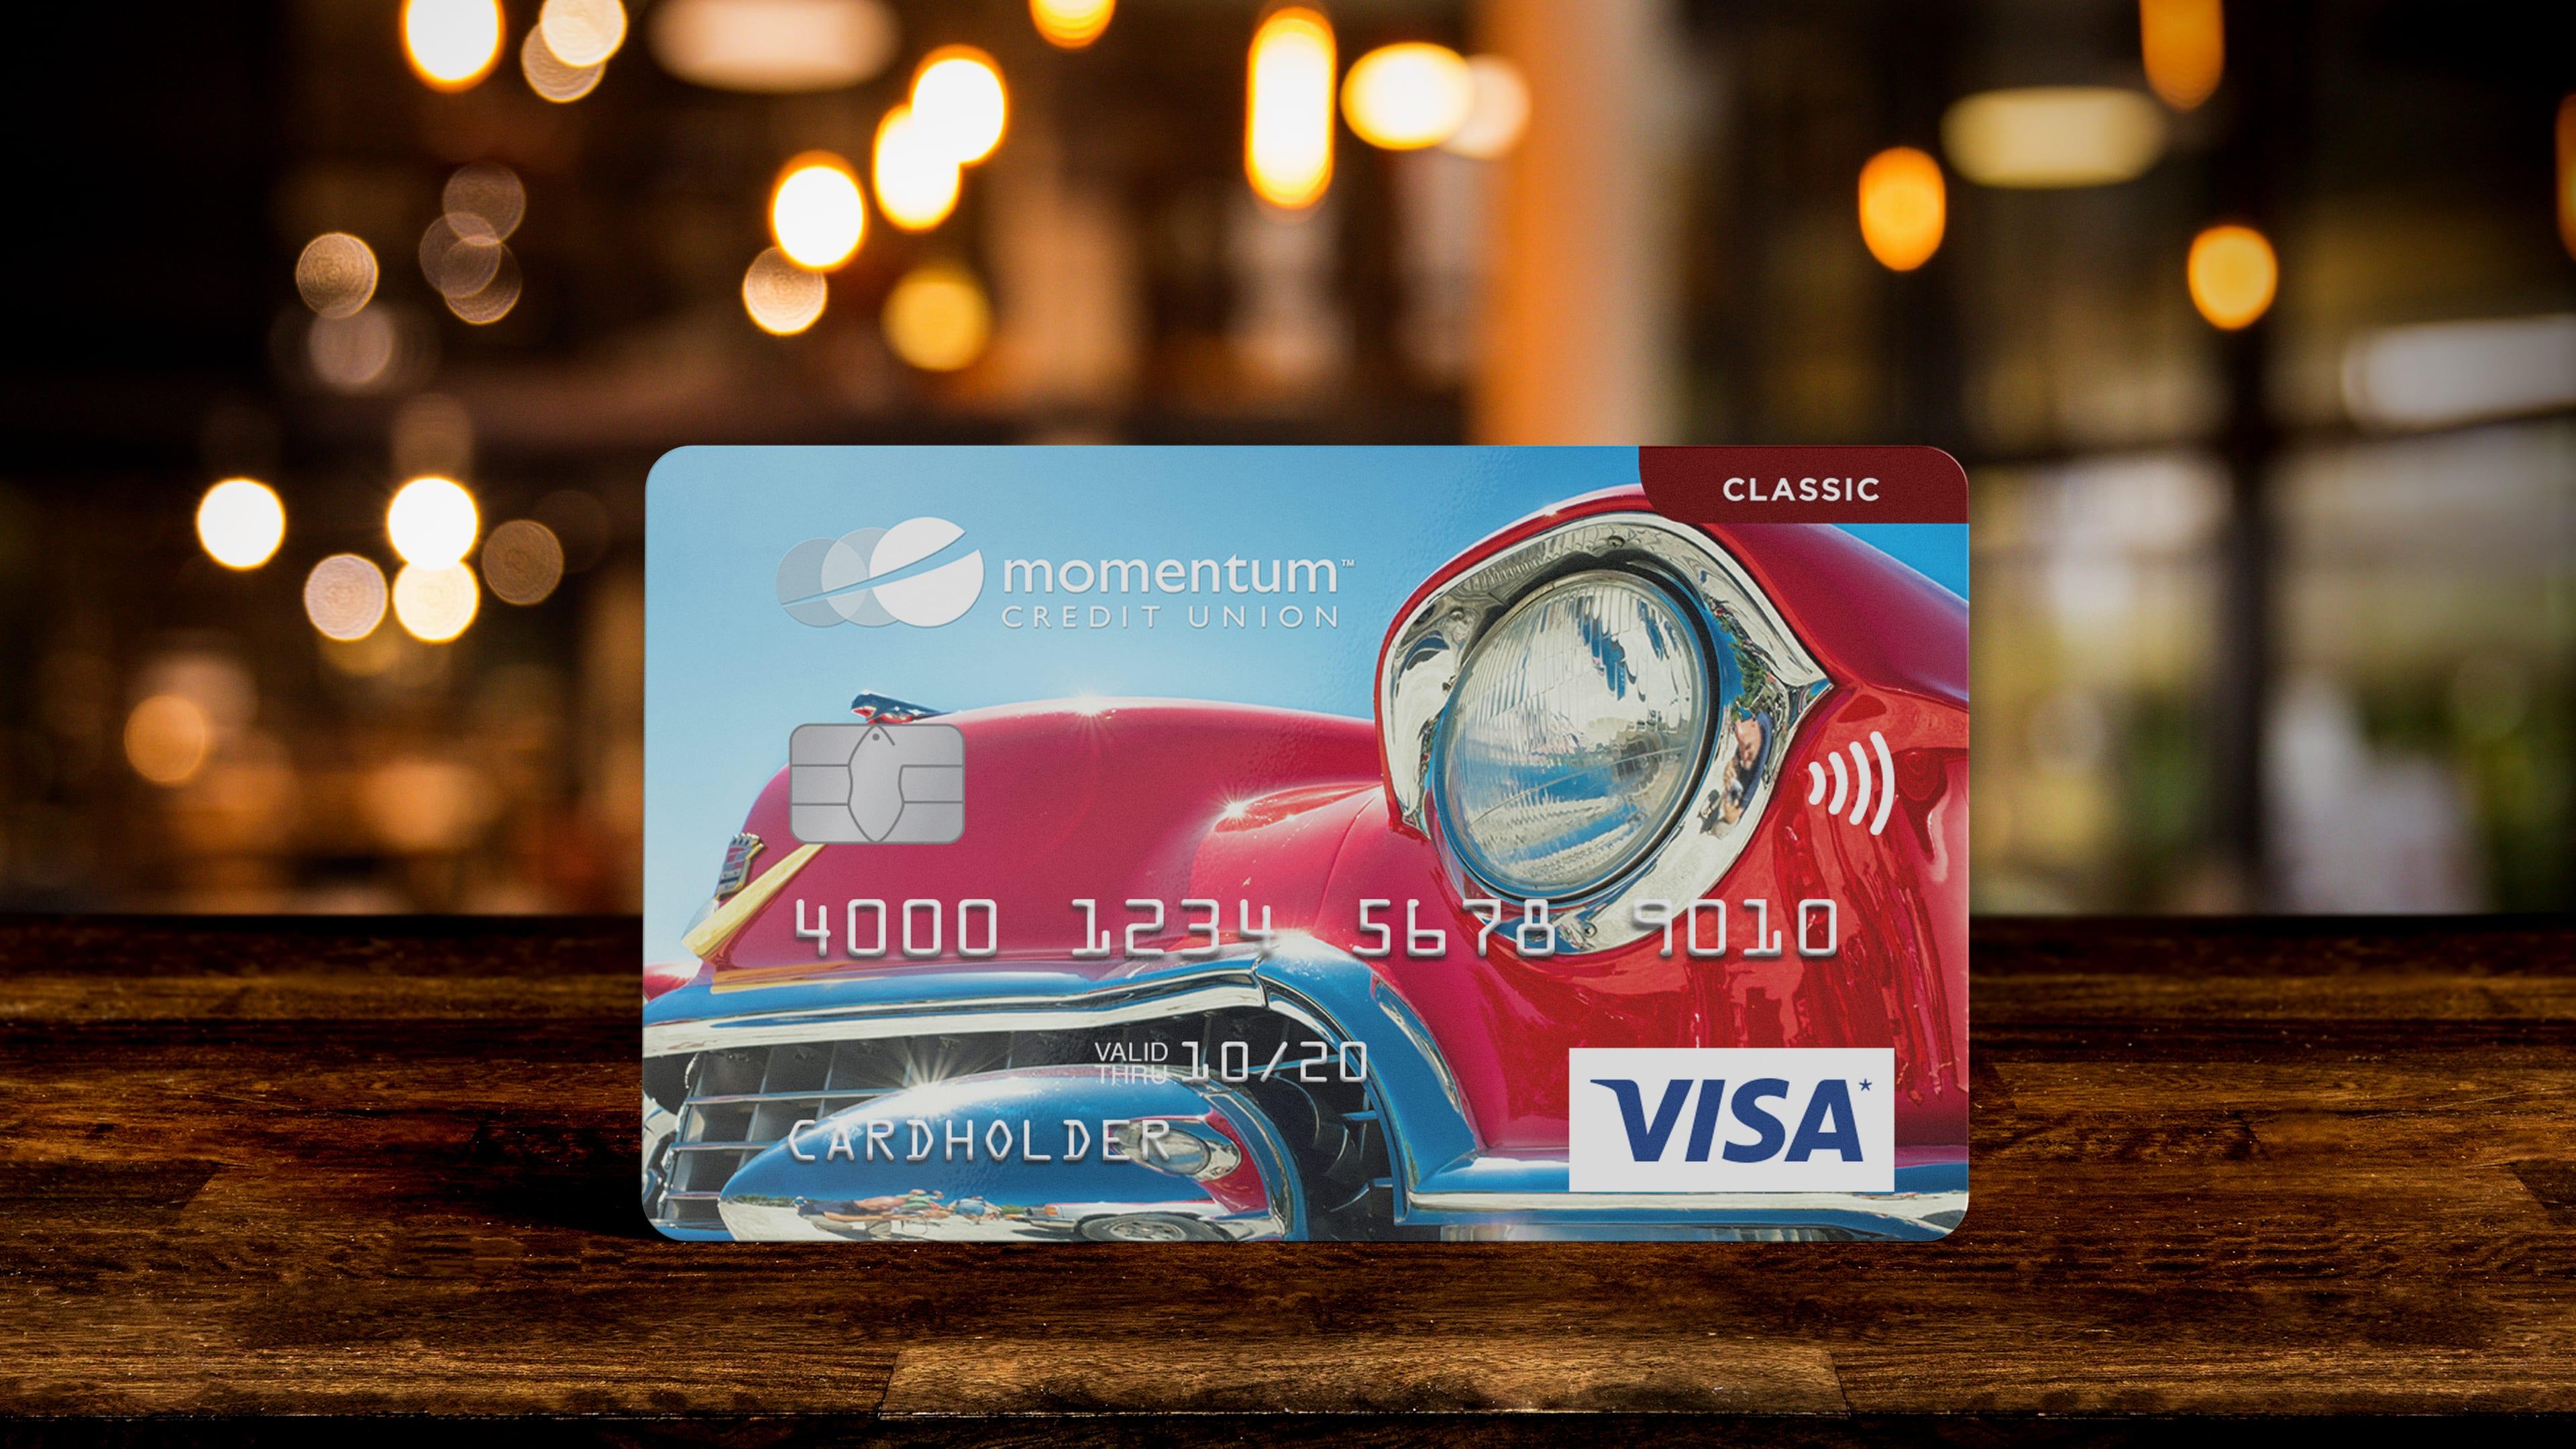 Momentum Visa Classic